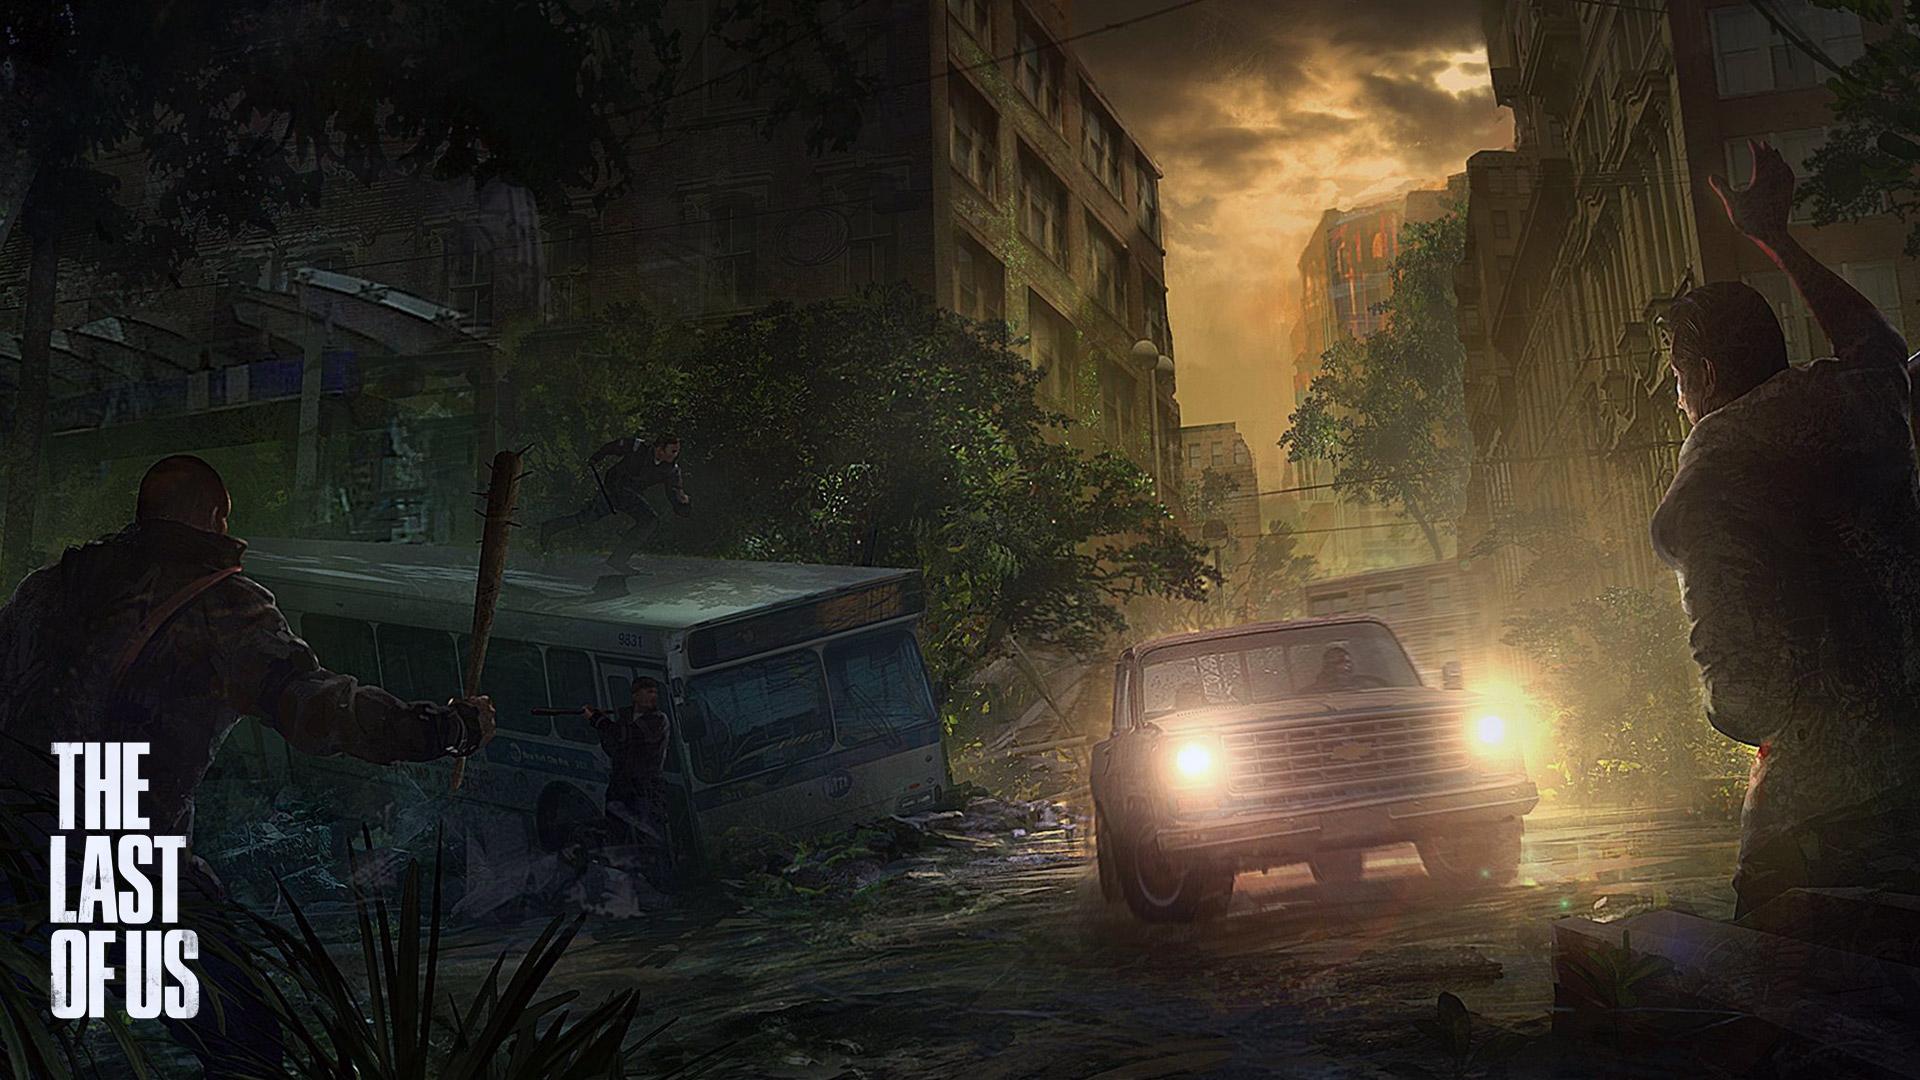 Free Download The Last Of Us Art Ambush Hd Wallpaper 1920x1080